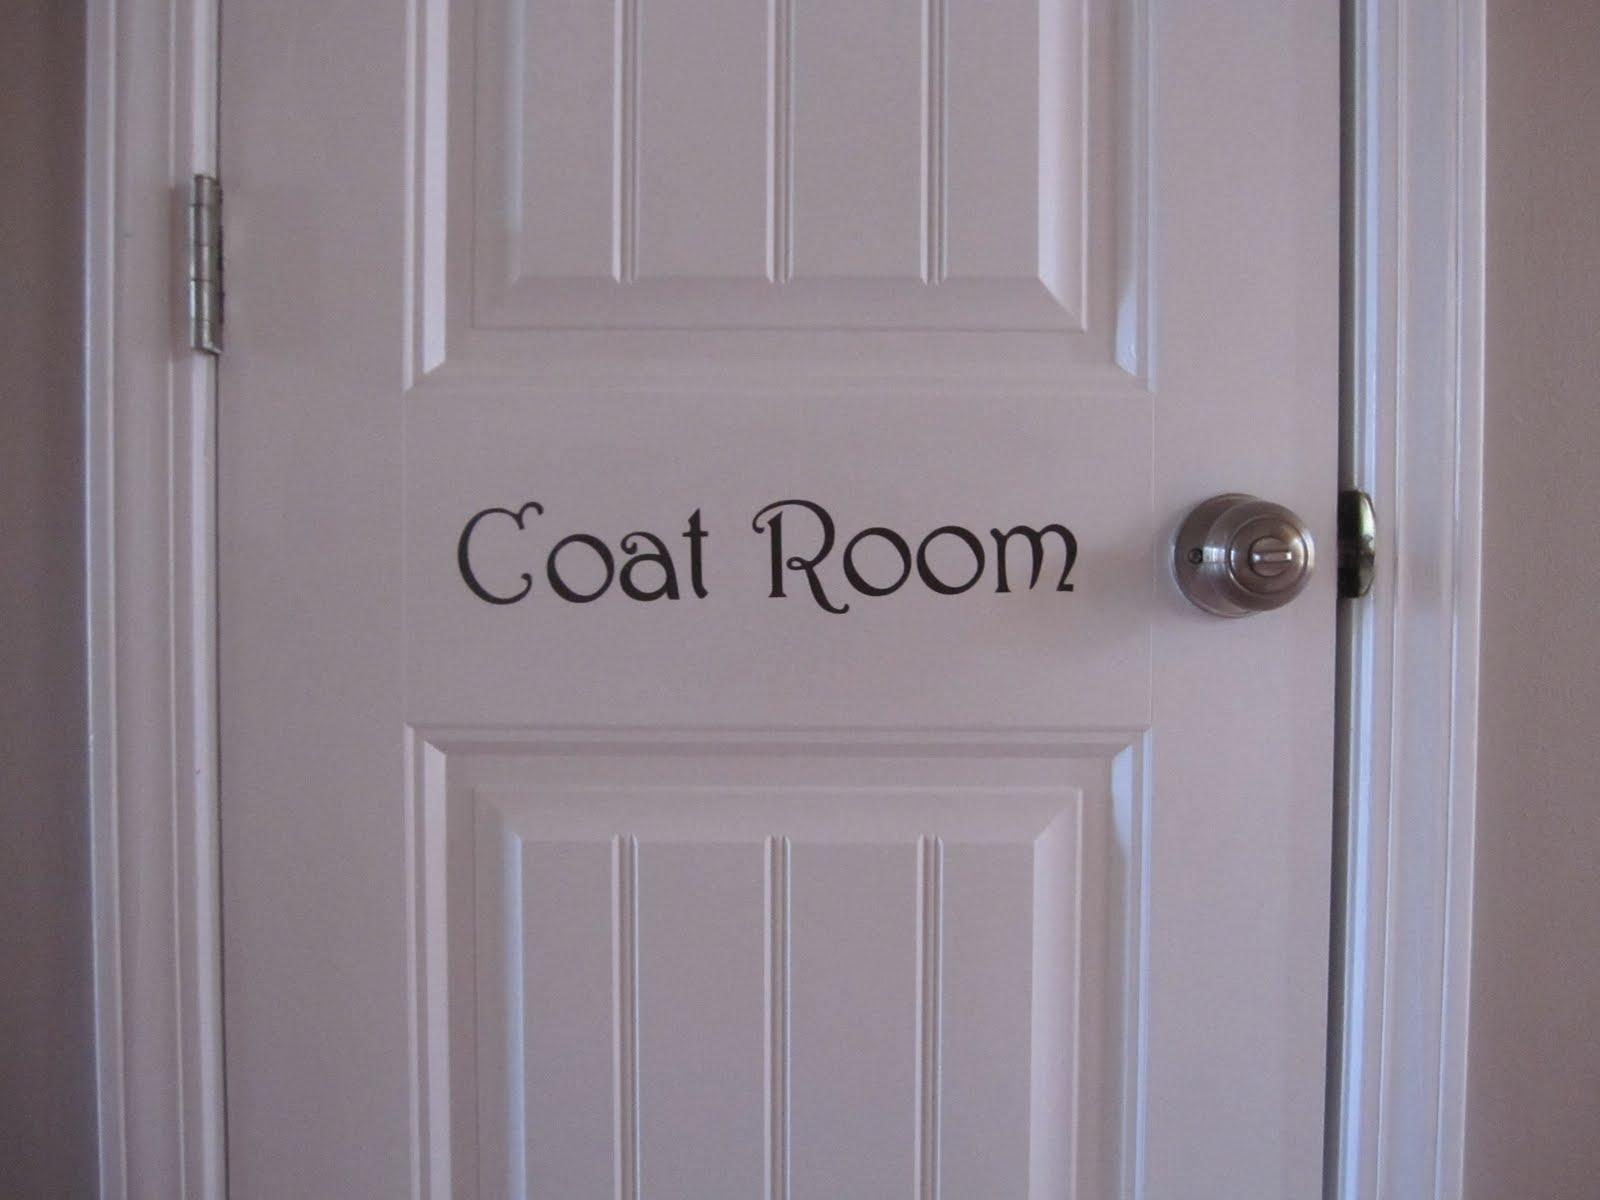 & Door Labels